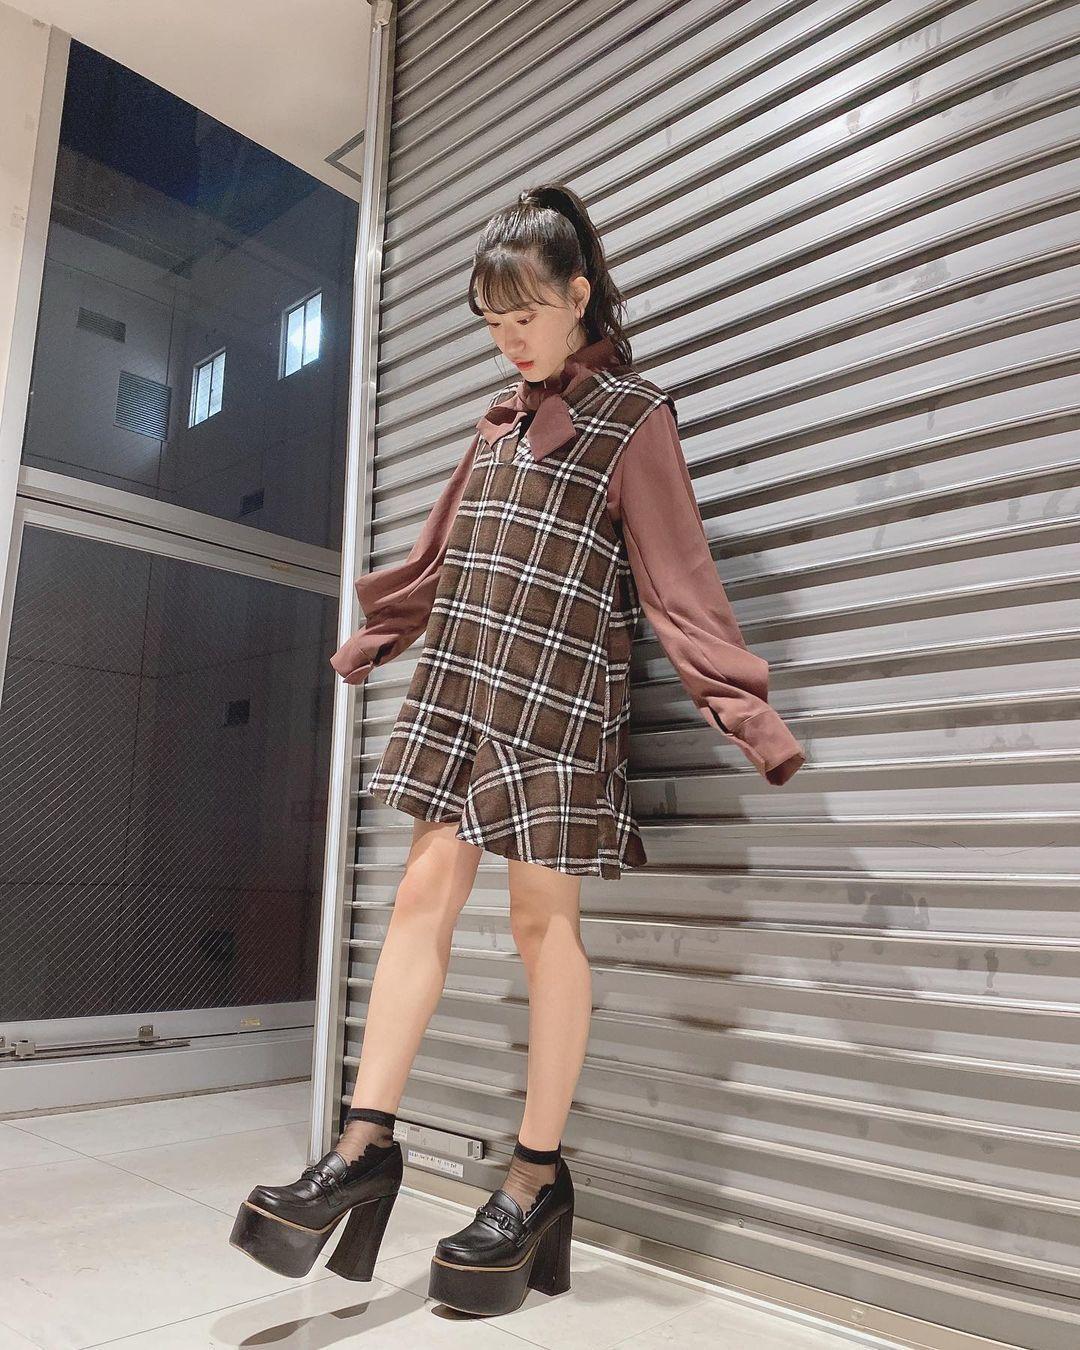 19 岁女团NMB48 成员「上西怜」身材超不科学!湿身晒「F 罩杯」辣翻-新图包